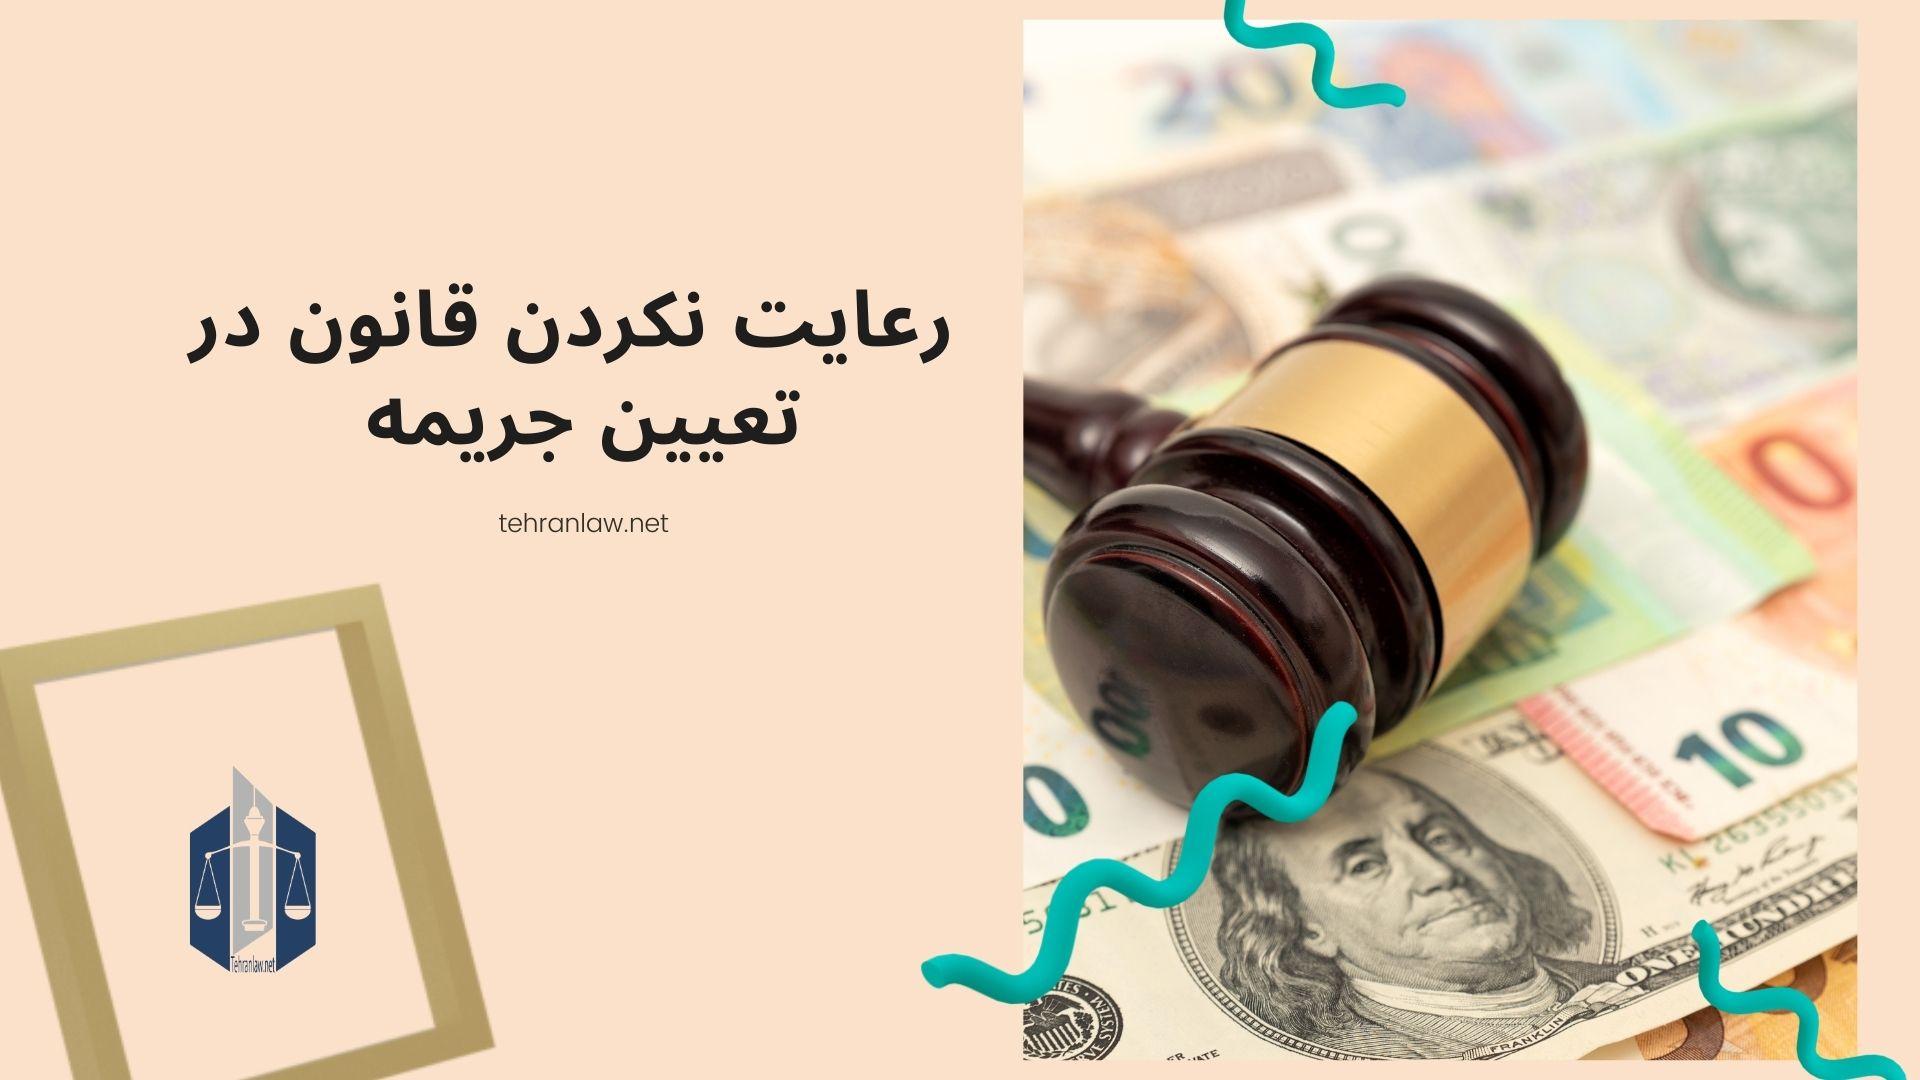 رعایت نکردن قانون در تعیین جریمه